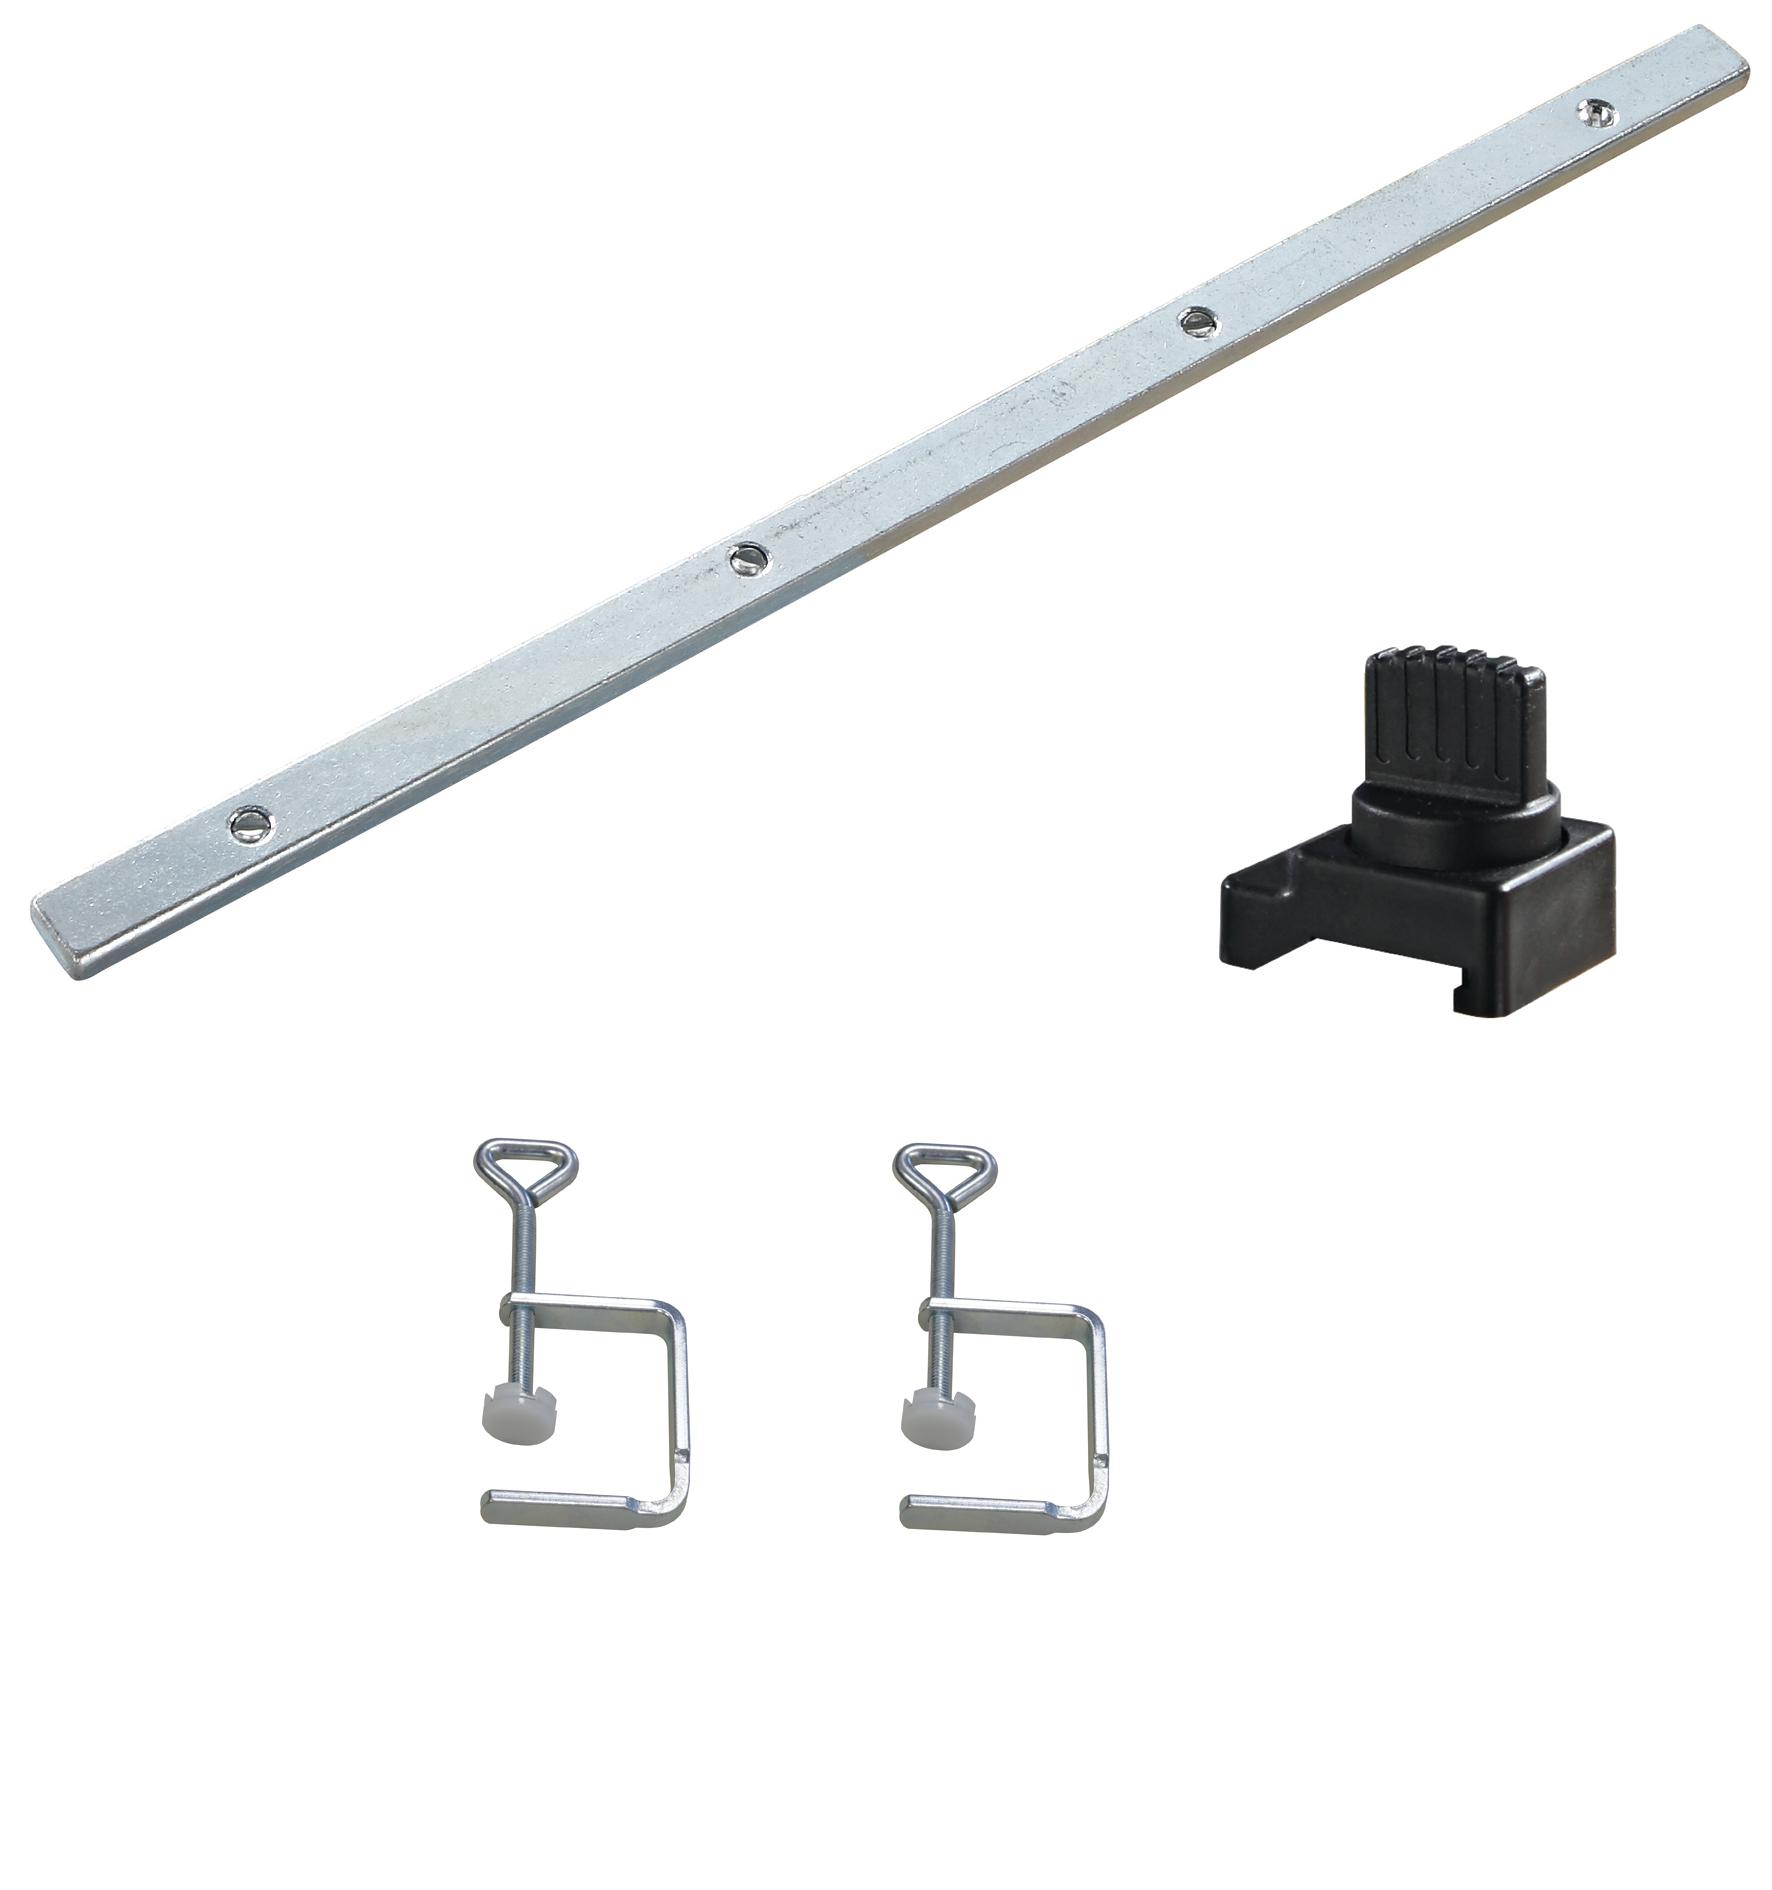 zubeh r paket f r scheppach handkreiss ge pl 55 pl 75 bei. Black Bedroom Furniture Sets. Home Design Ideas